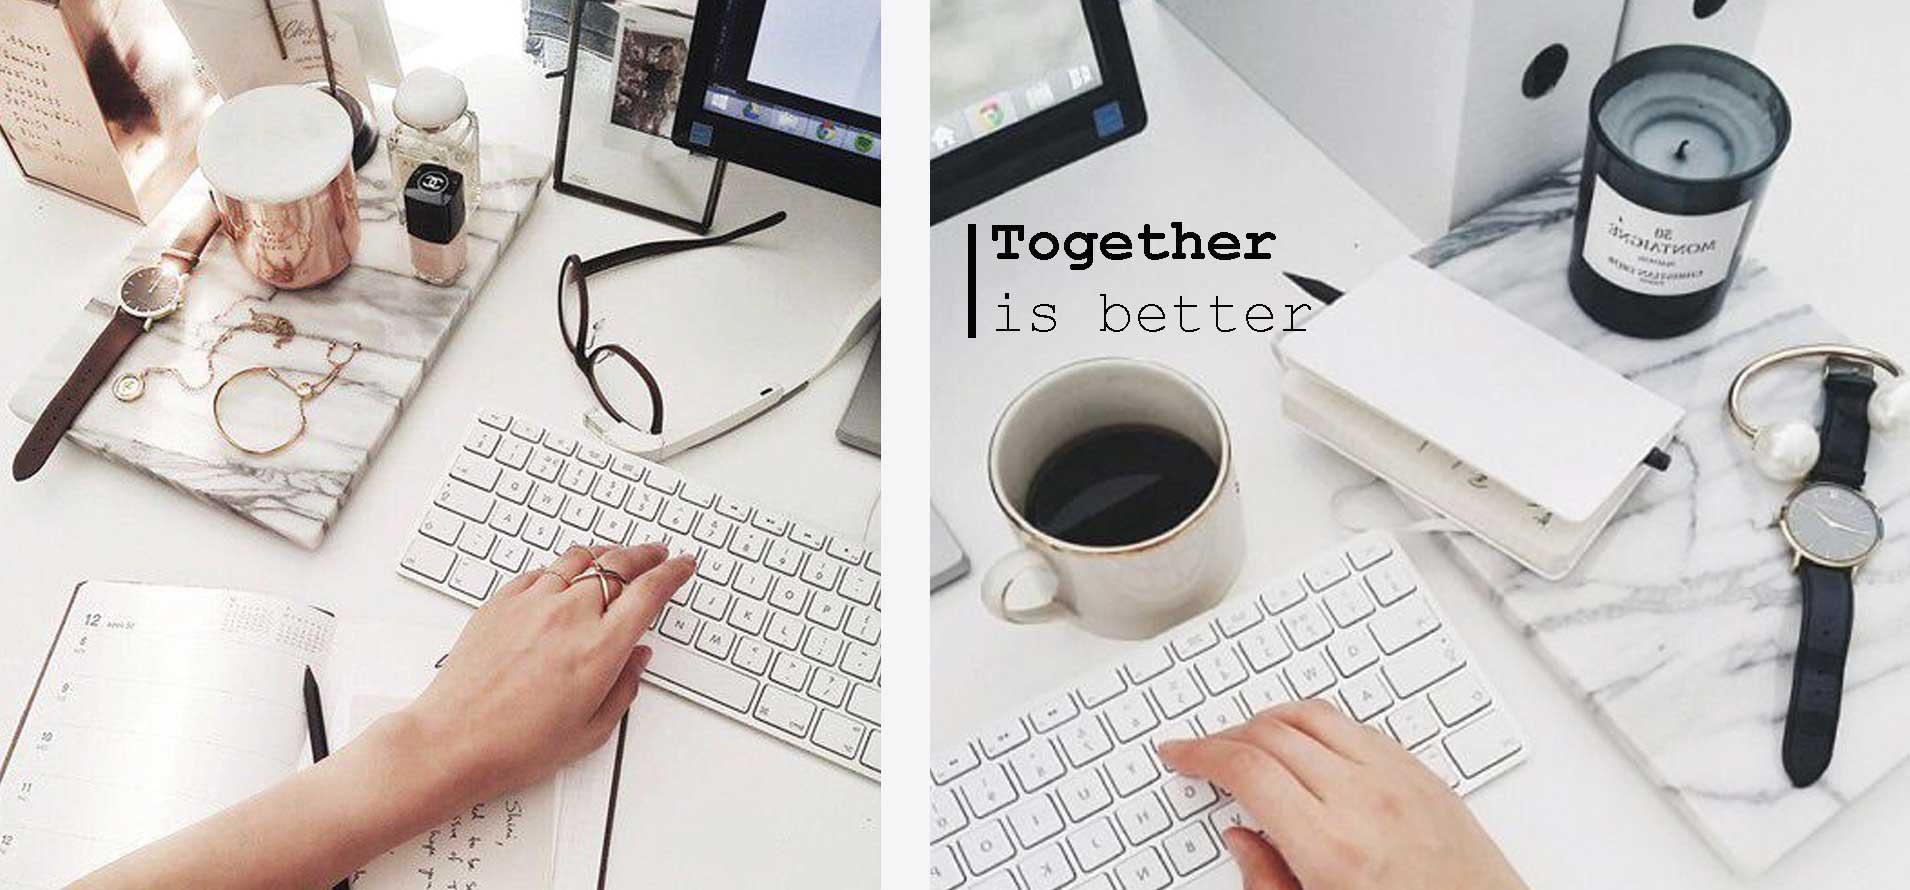 """immagine a sinistra mano di donna che lavora al computer, sulla scrivania oggettistica """"femminile"""" a destra mano maschile che lavora al mac, con ogettistica maschile, la scritta recita: together is better!"""